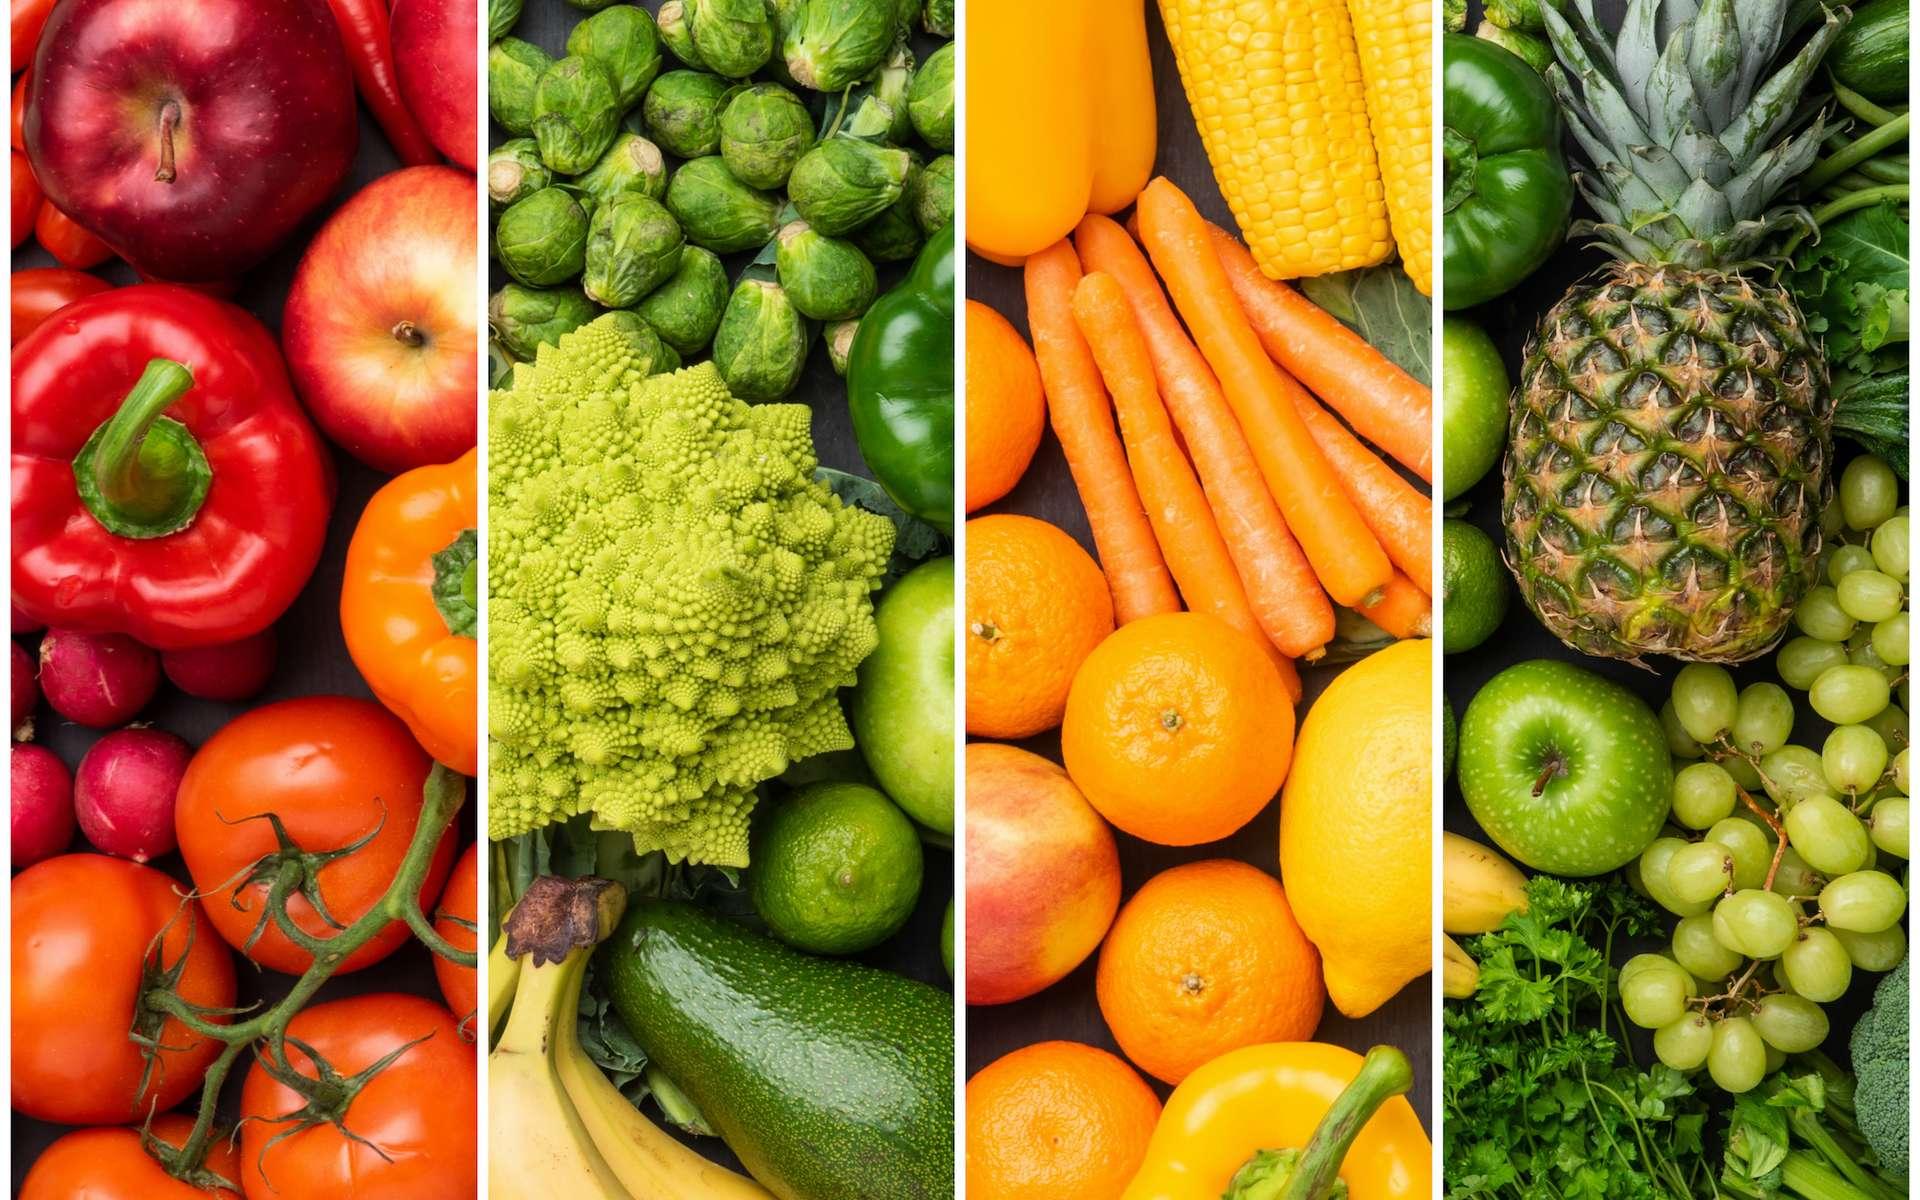 Ces 7 fruits et légumes n'ont pas de saison. © Maksim Šmeljov, Adobe Stock